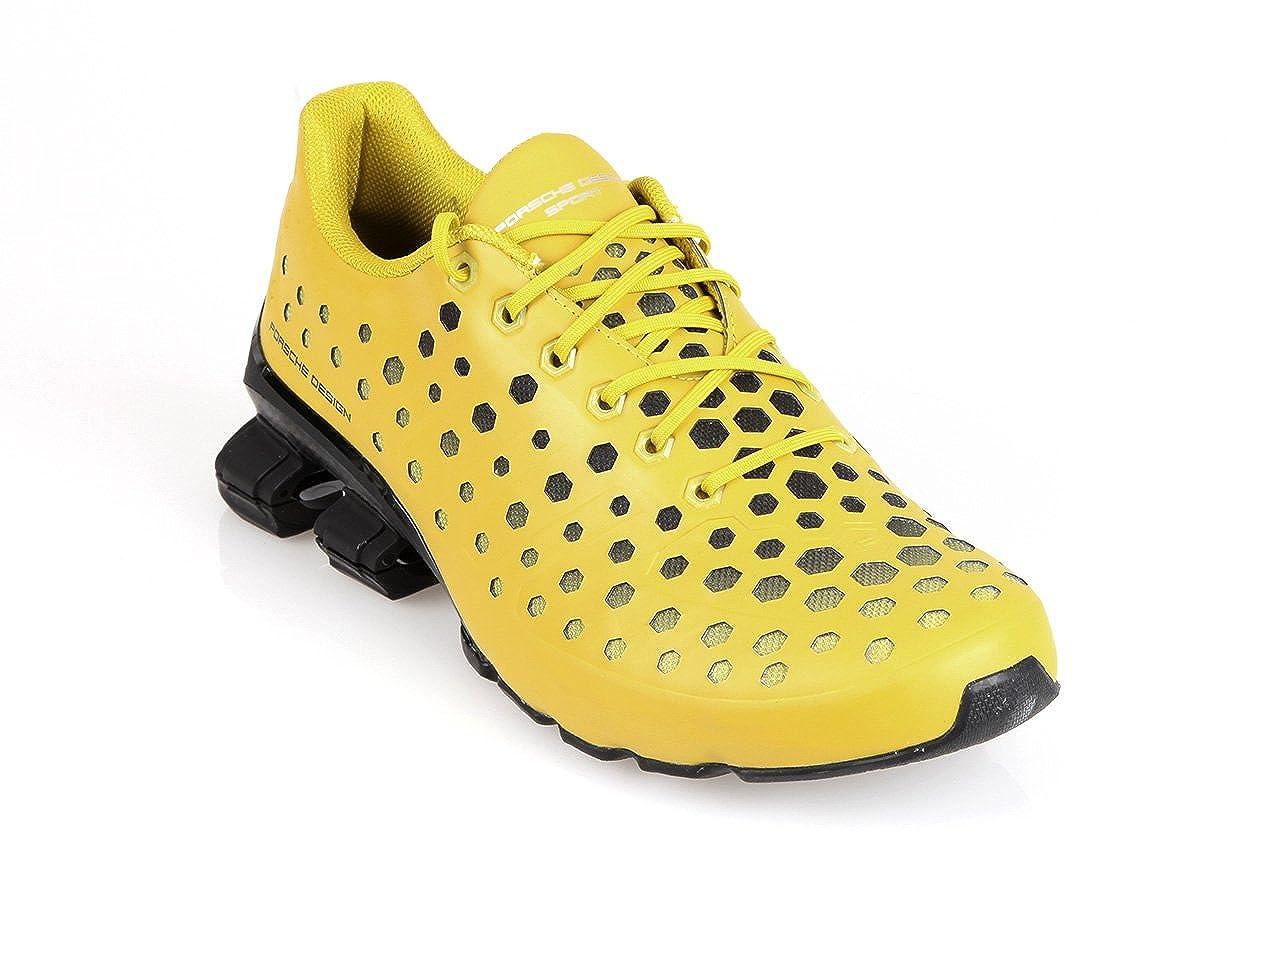 Porsche Design Adidas Herren Schuhe Schuhe Schuhe Bounce S4 2.0 Gelb Größe 42,5 8af79c